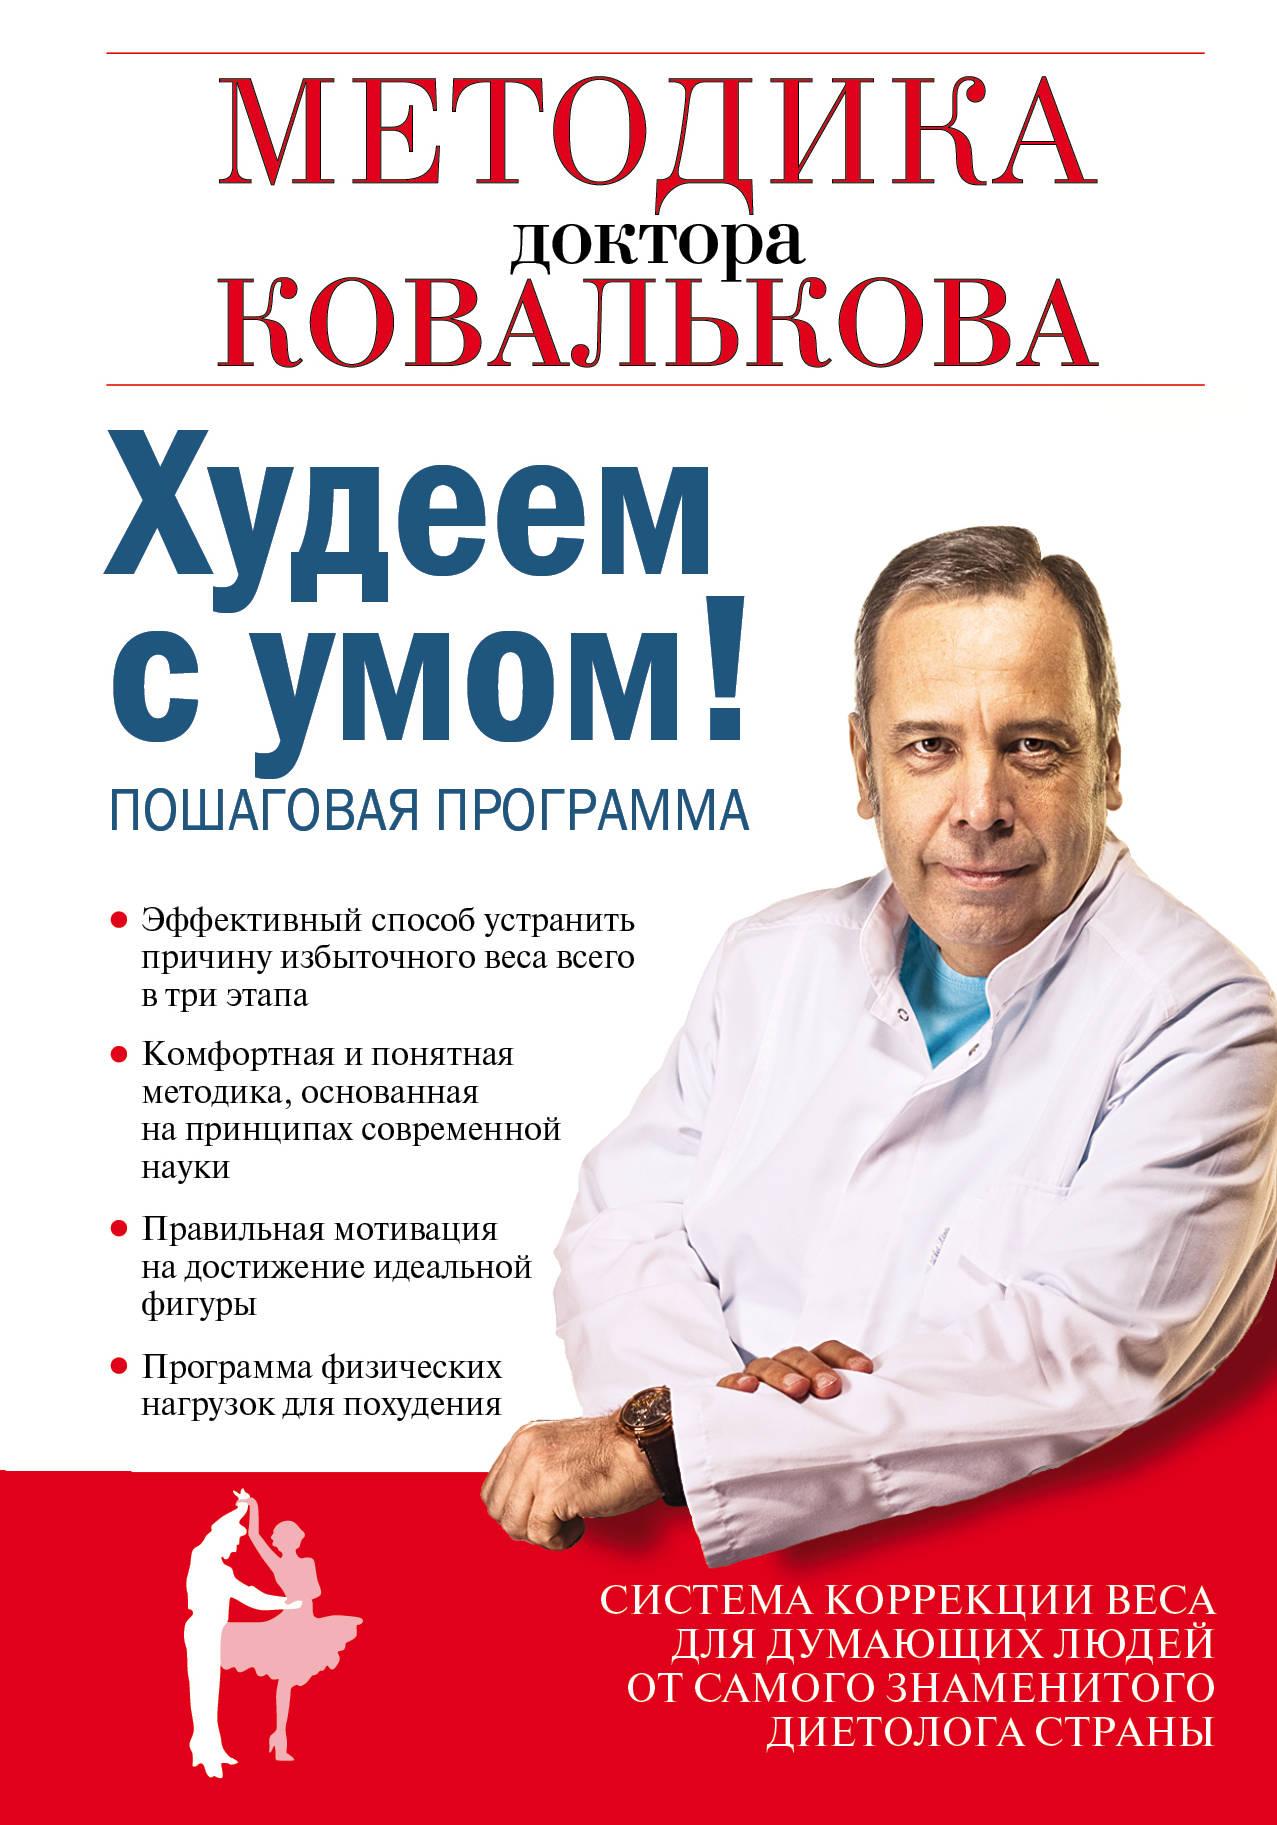 врач диетолог в минске цены